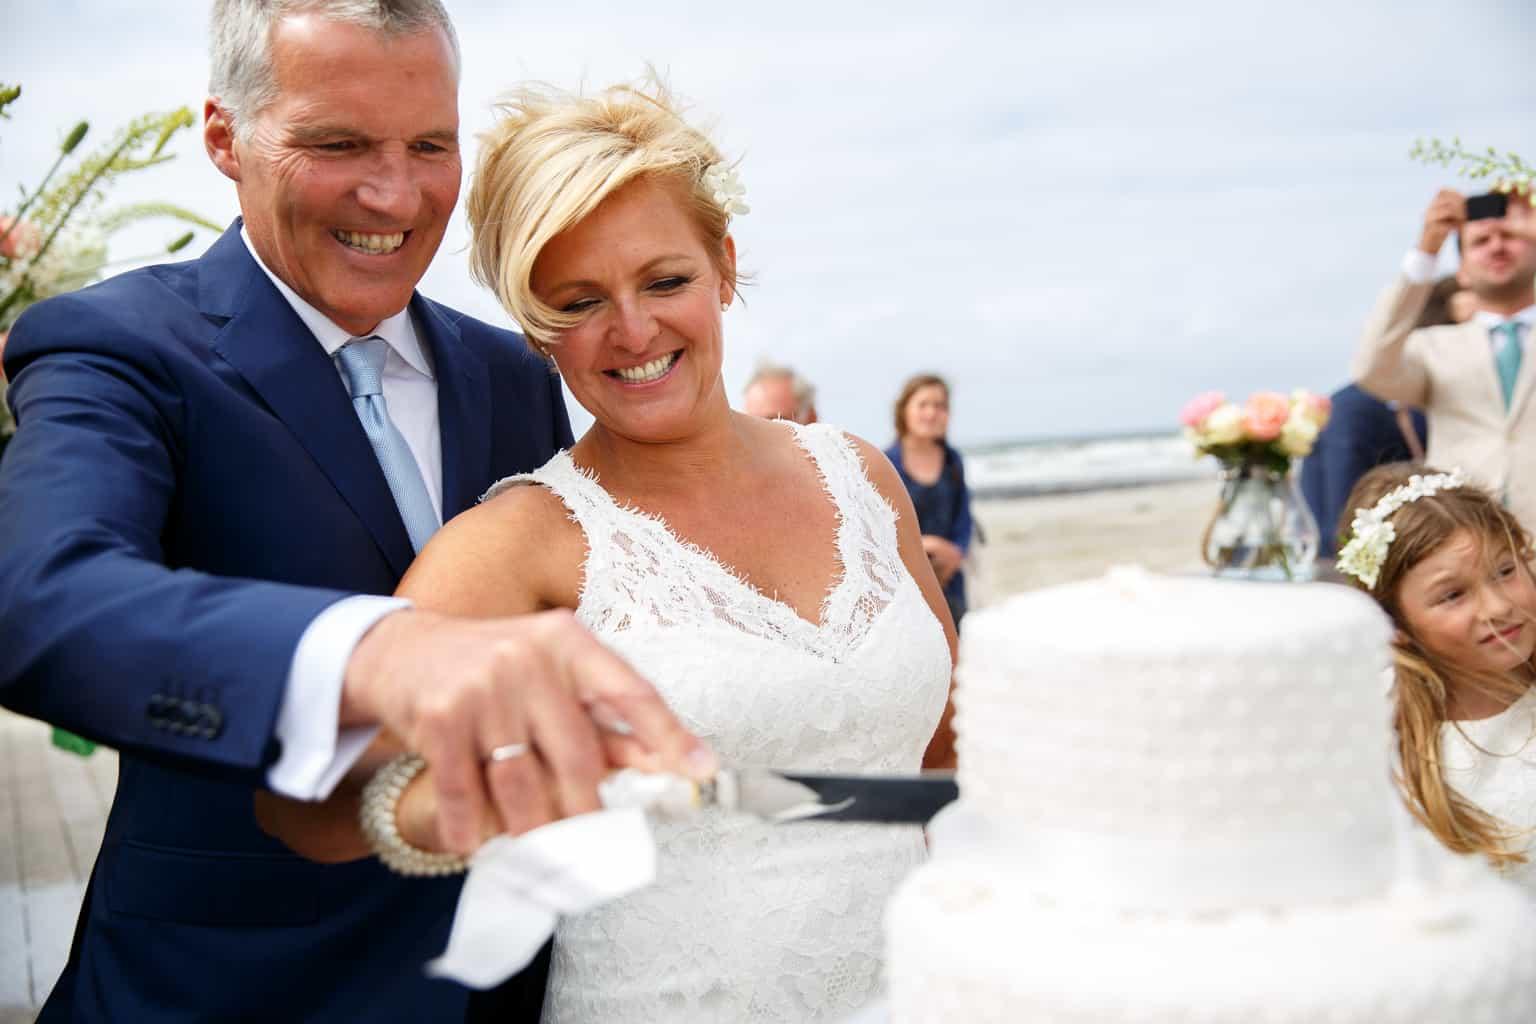 Taart aansnijden Mr, & Mrs, Huwelijk Caroline Tensen en Ernst-Jan Smids, Evert Doorn Fotografie, wedding en planning, Weddingplanner, trouwen op Vlieland, trouwen op het strand, bruidstaart Cake Affair